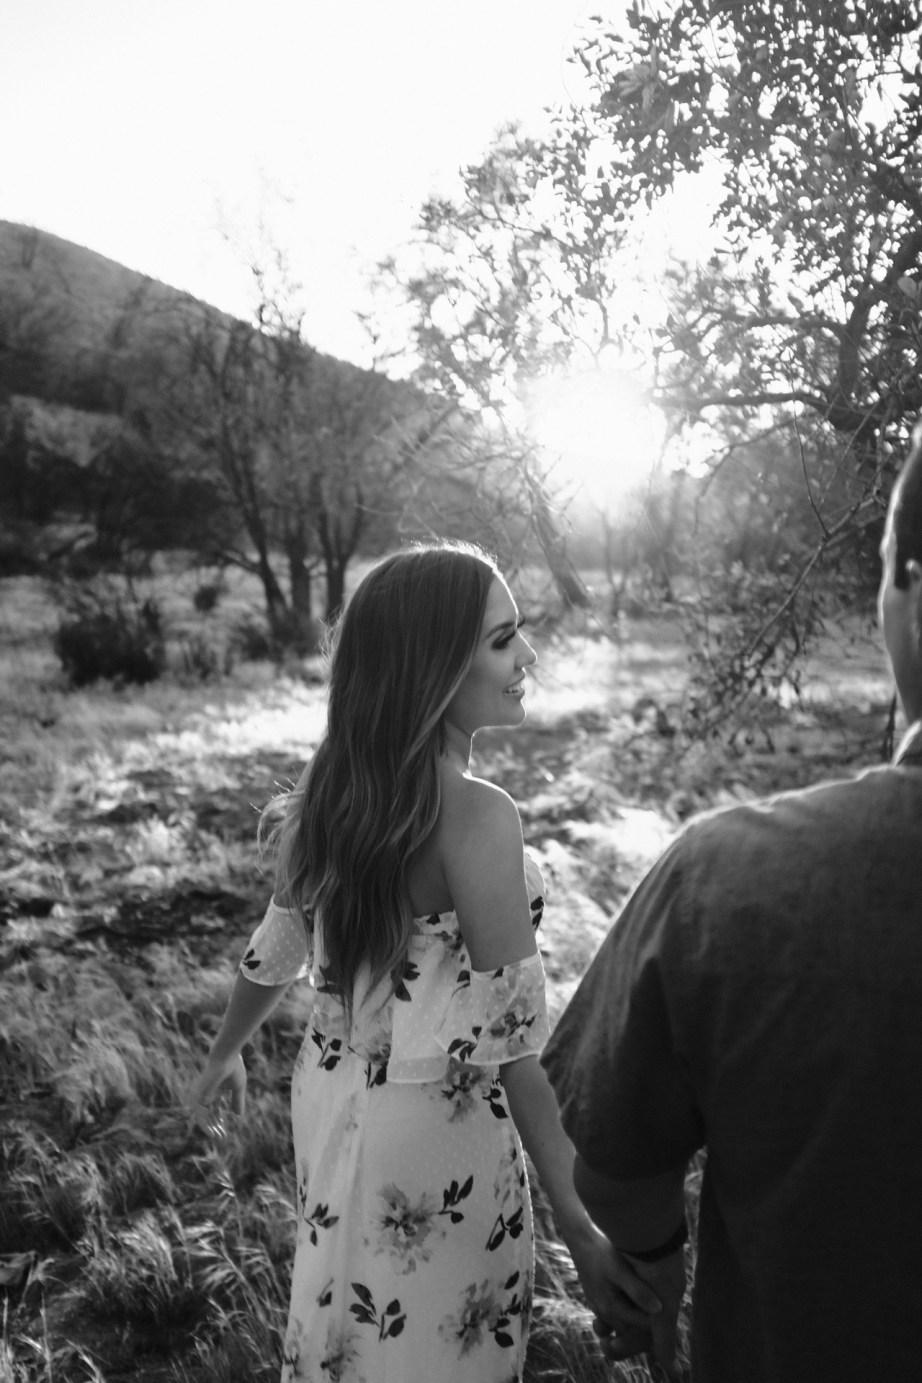 orange county park photographey engagement nicole caldwell03